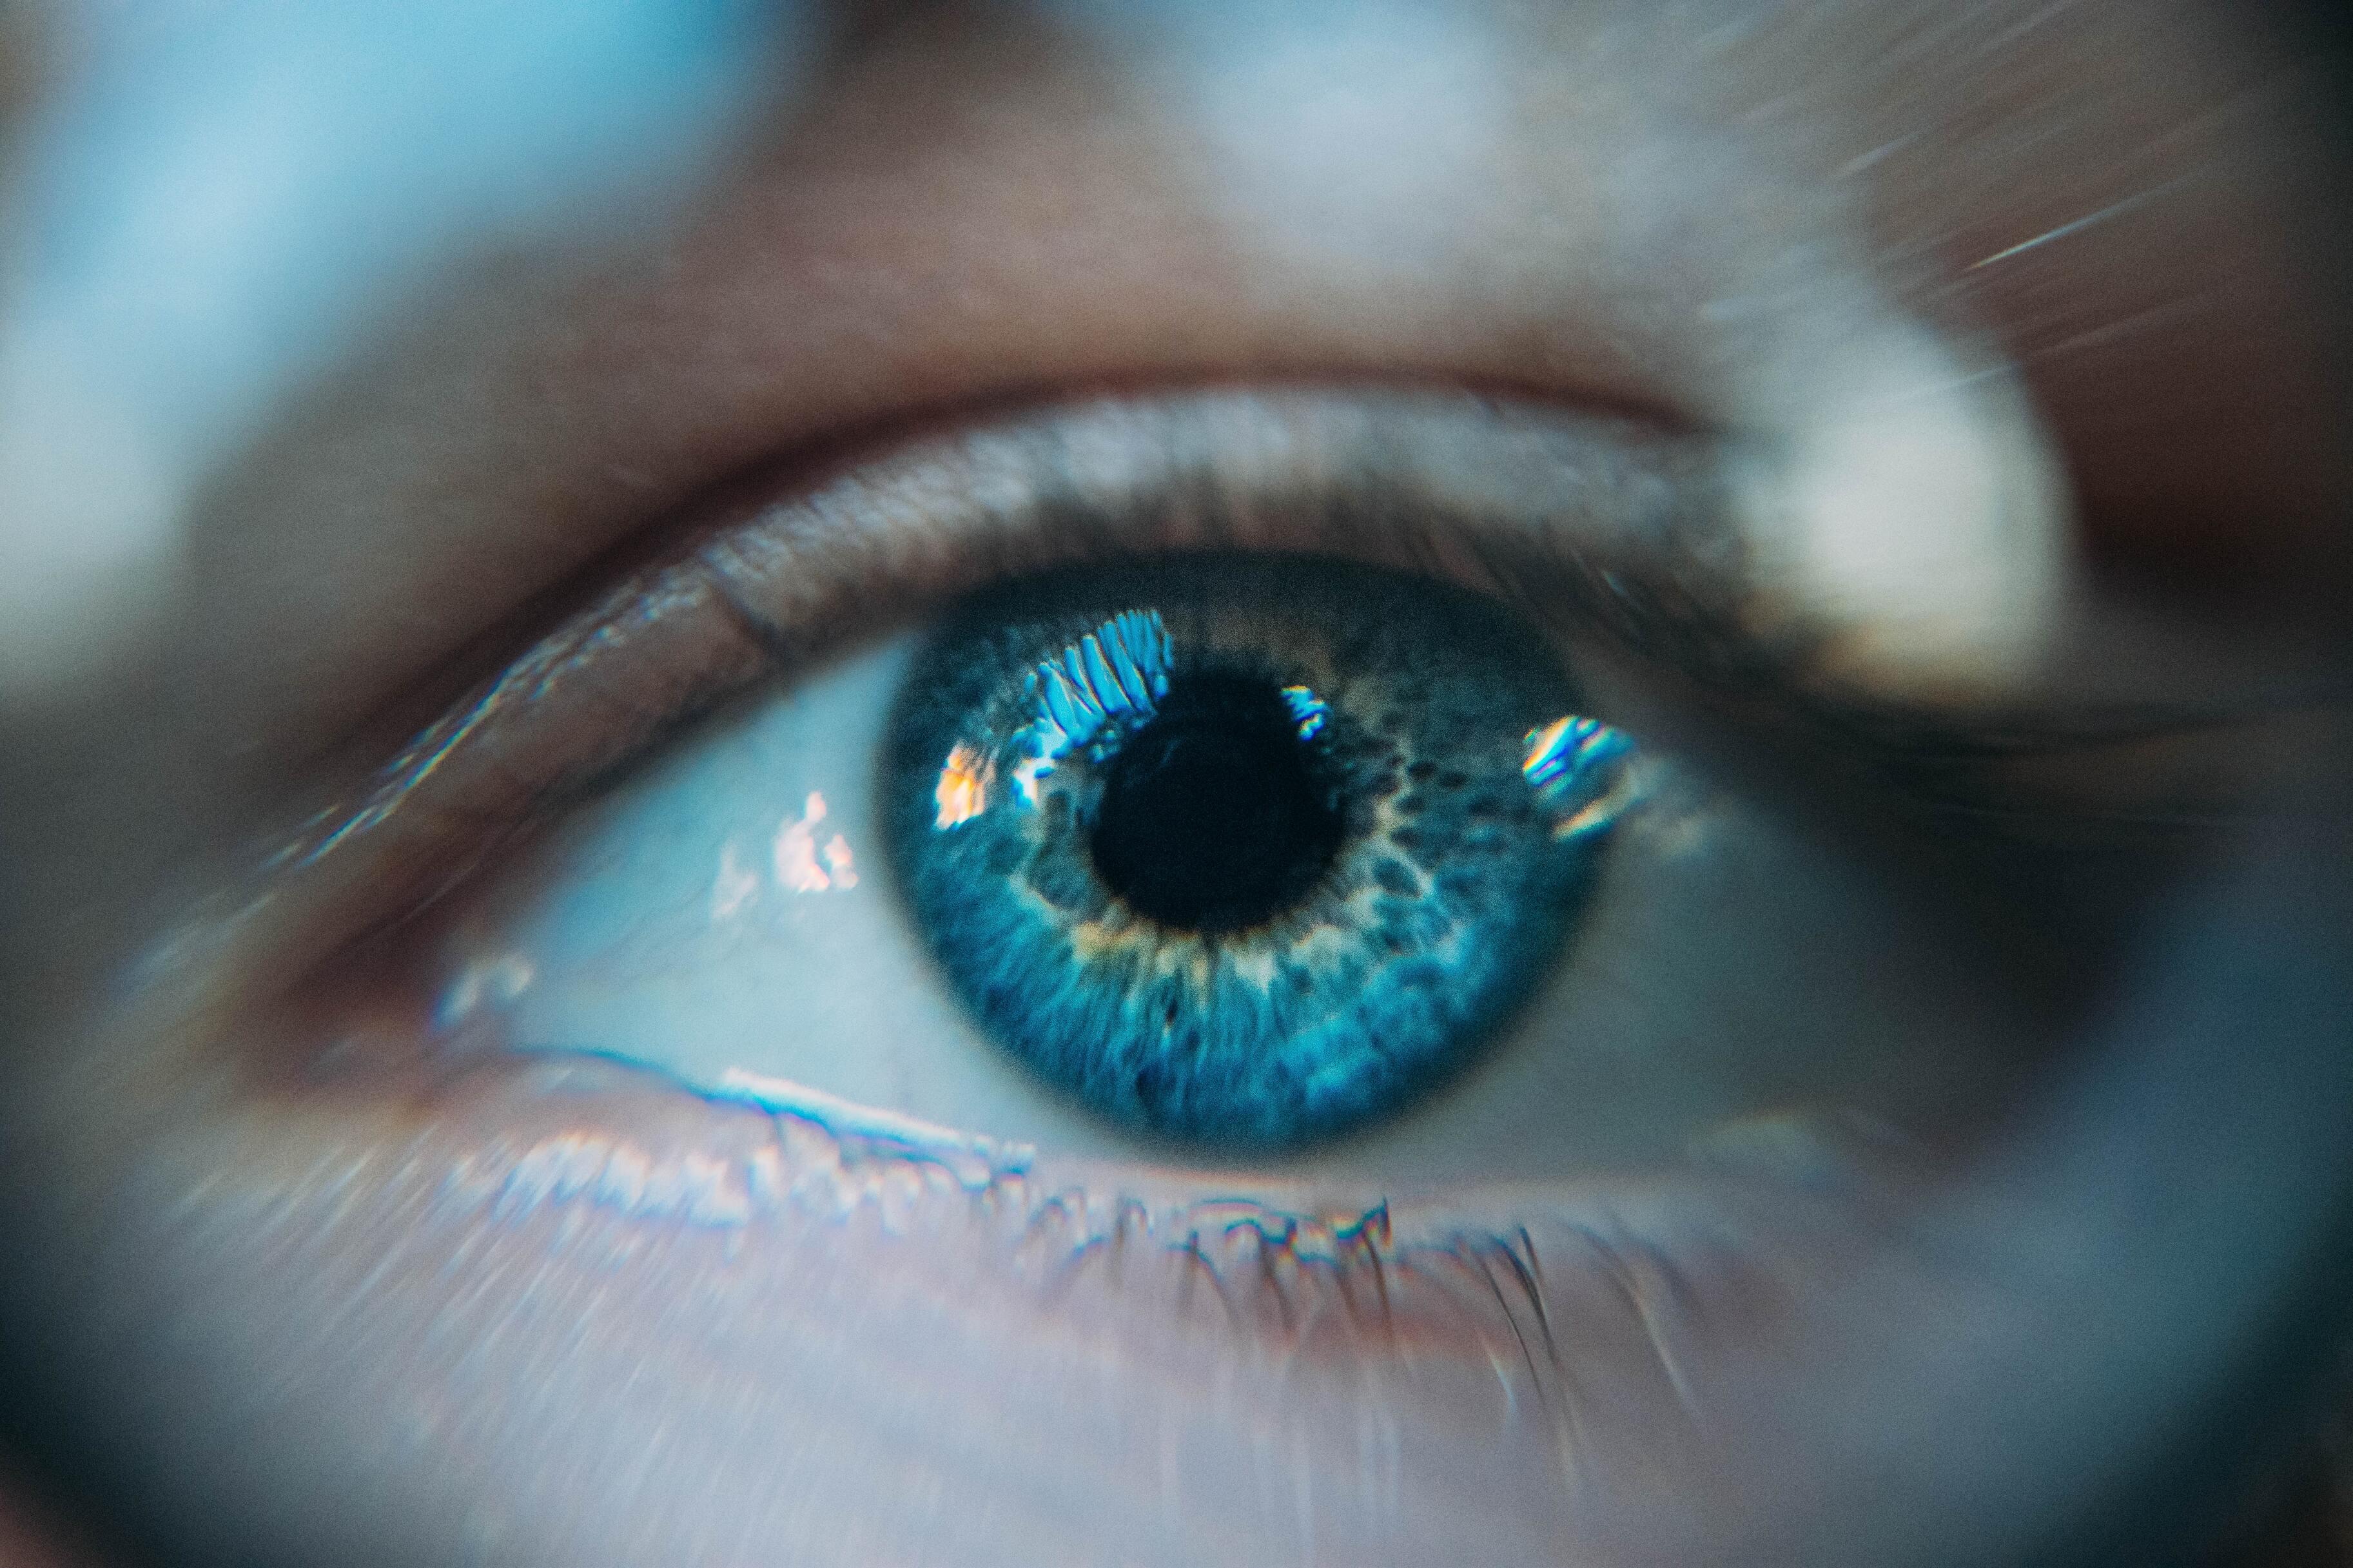 Учёные обнаружили влияние марихуаны на зрение